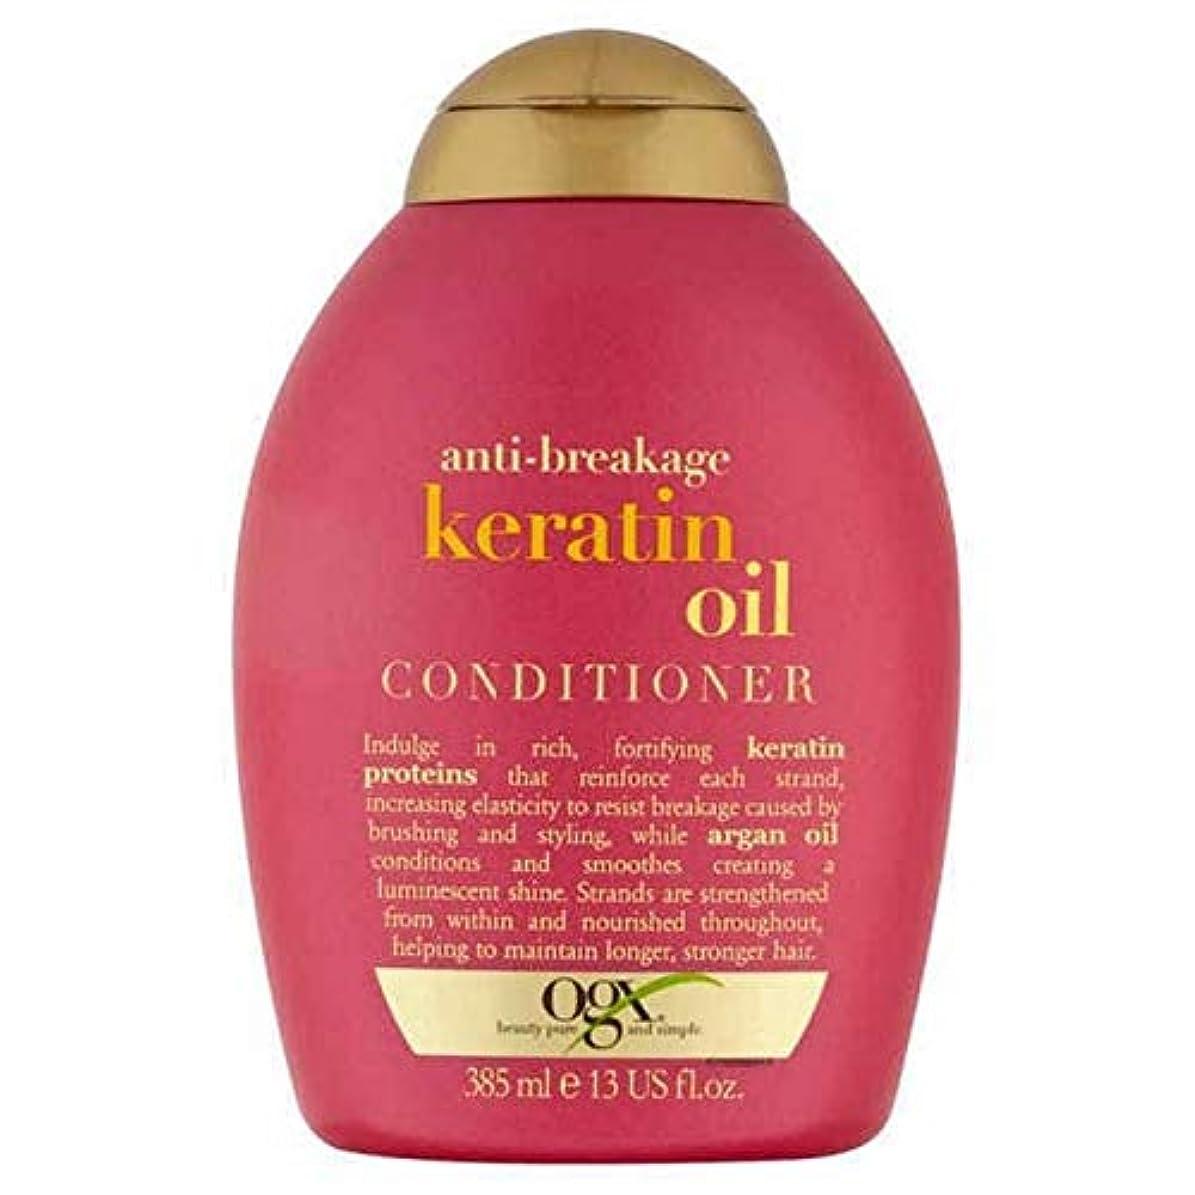 リーズ生マルコポーロ[Ogx] Ogx抗破損ケラチンオイルコンディショナー385ミリリットル - OGX Anti-Breakage Keratin Oil Conditioner 385ml [並行輸入品]